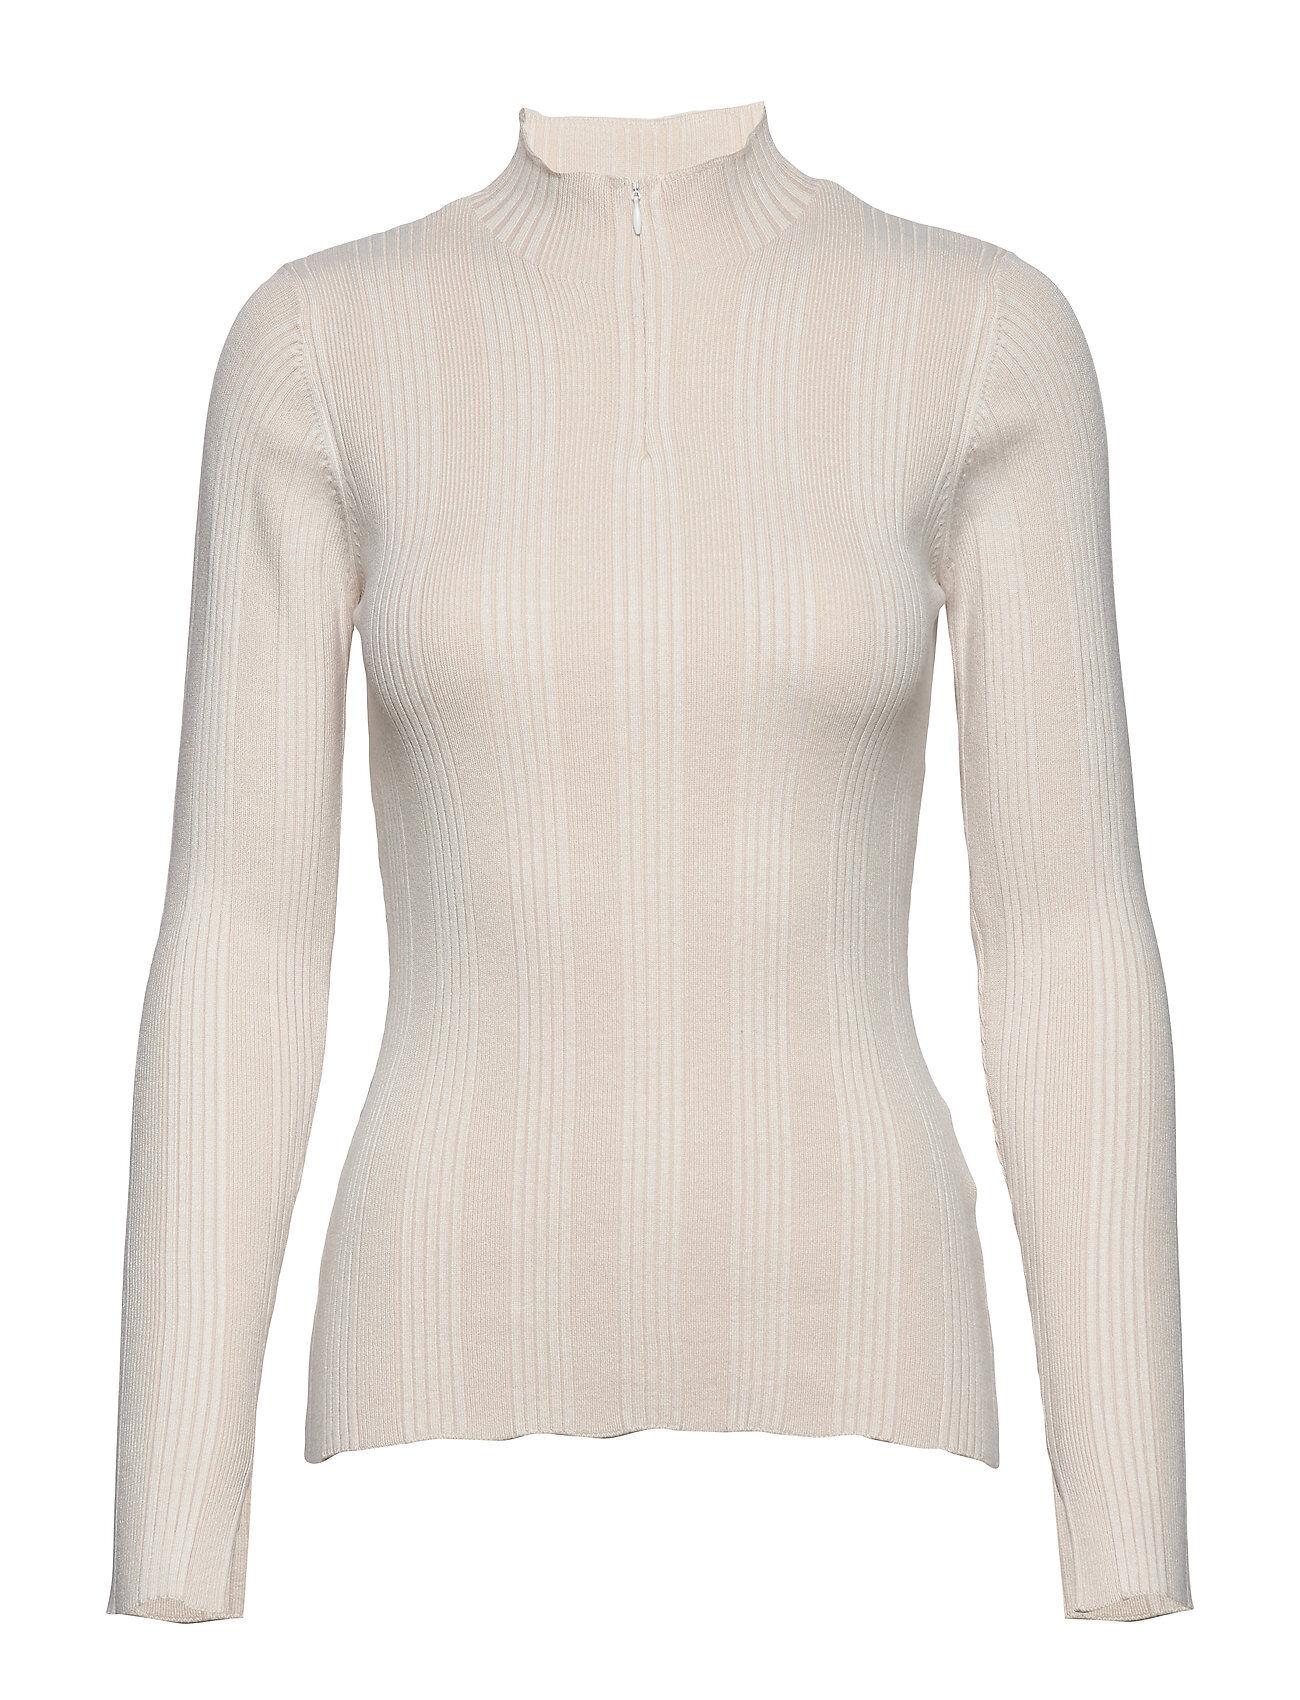 Camilla Pihl Sole Sweater Neulepaita Valkoinen Camilla Pihl